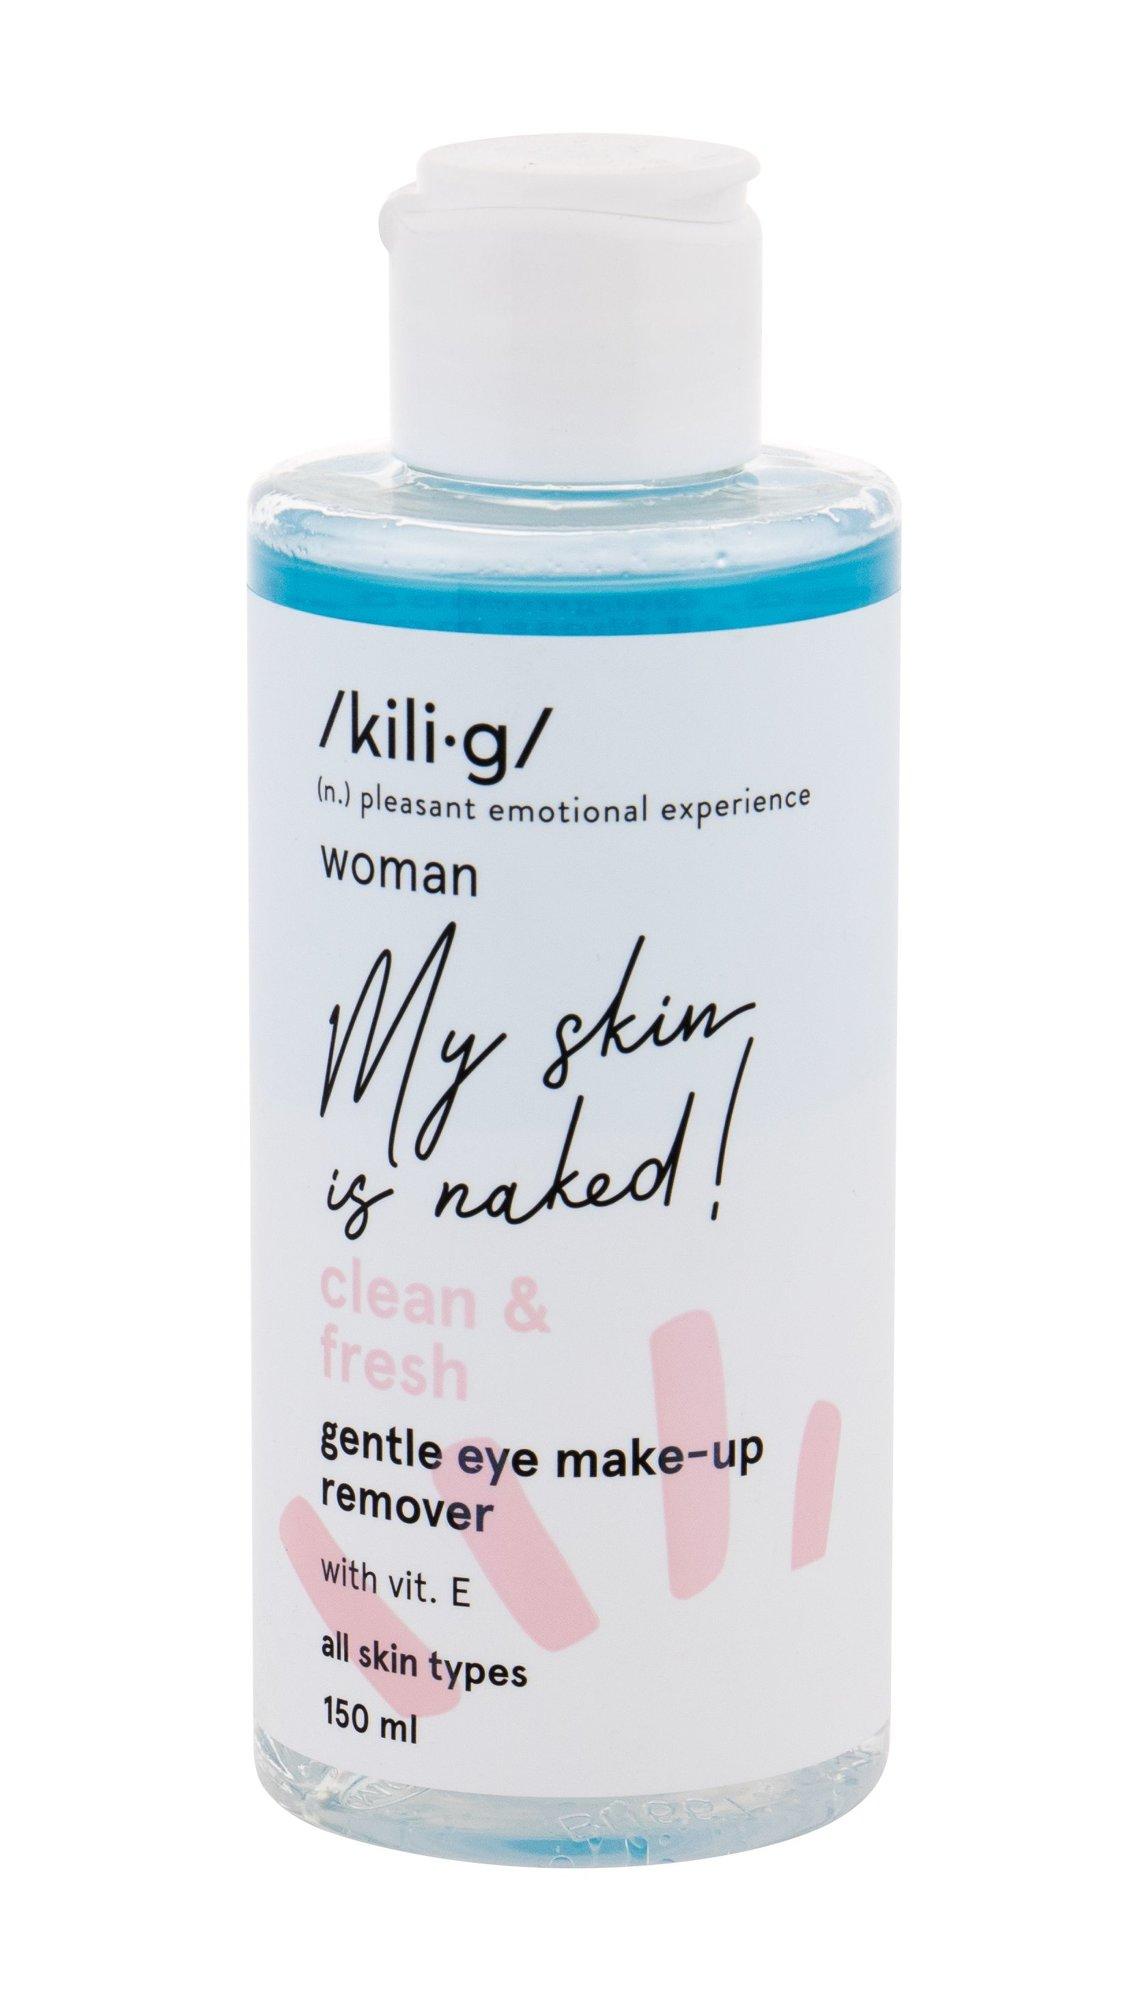 kili·g woman clean & fresh Eye Makeup Remover 150ml